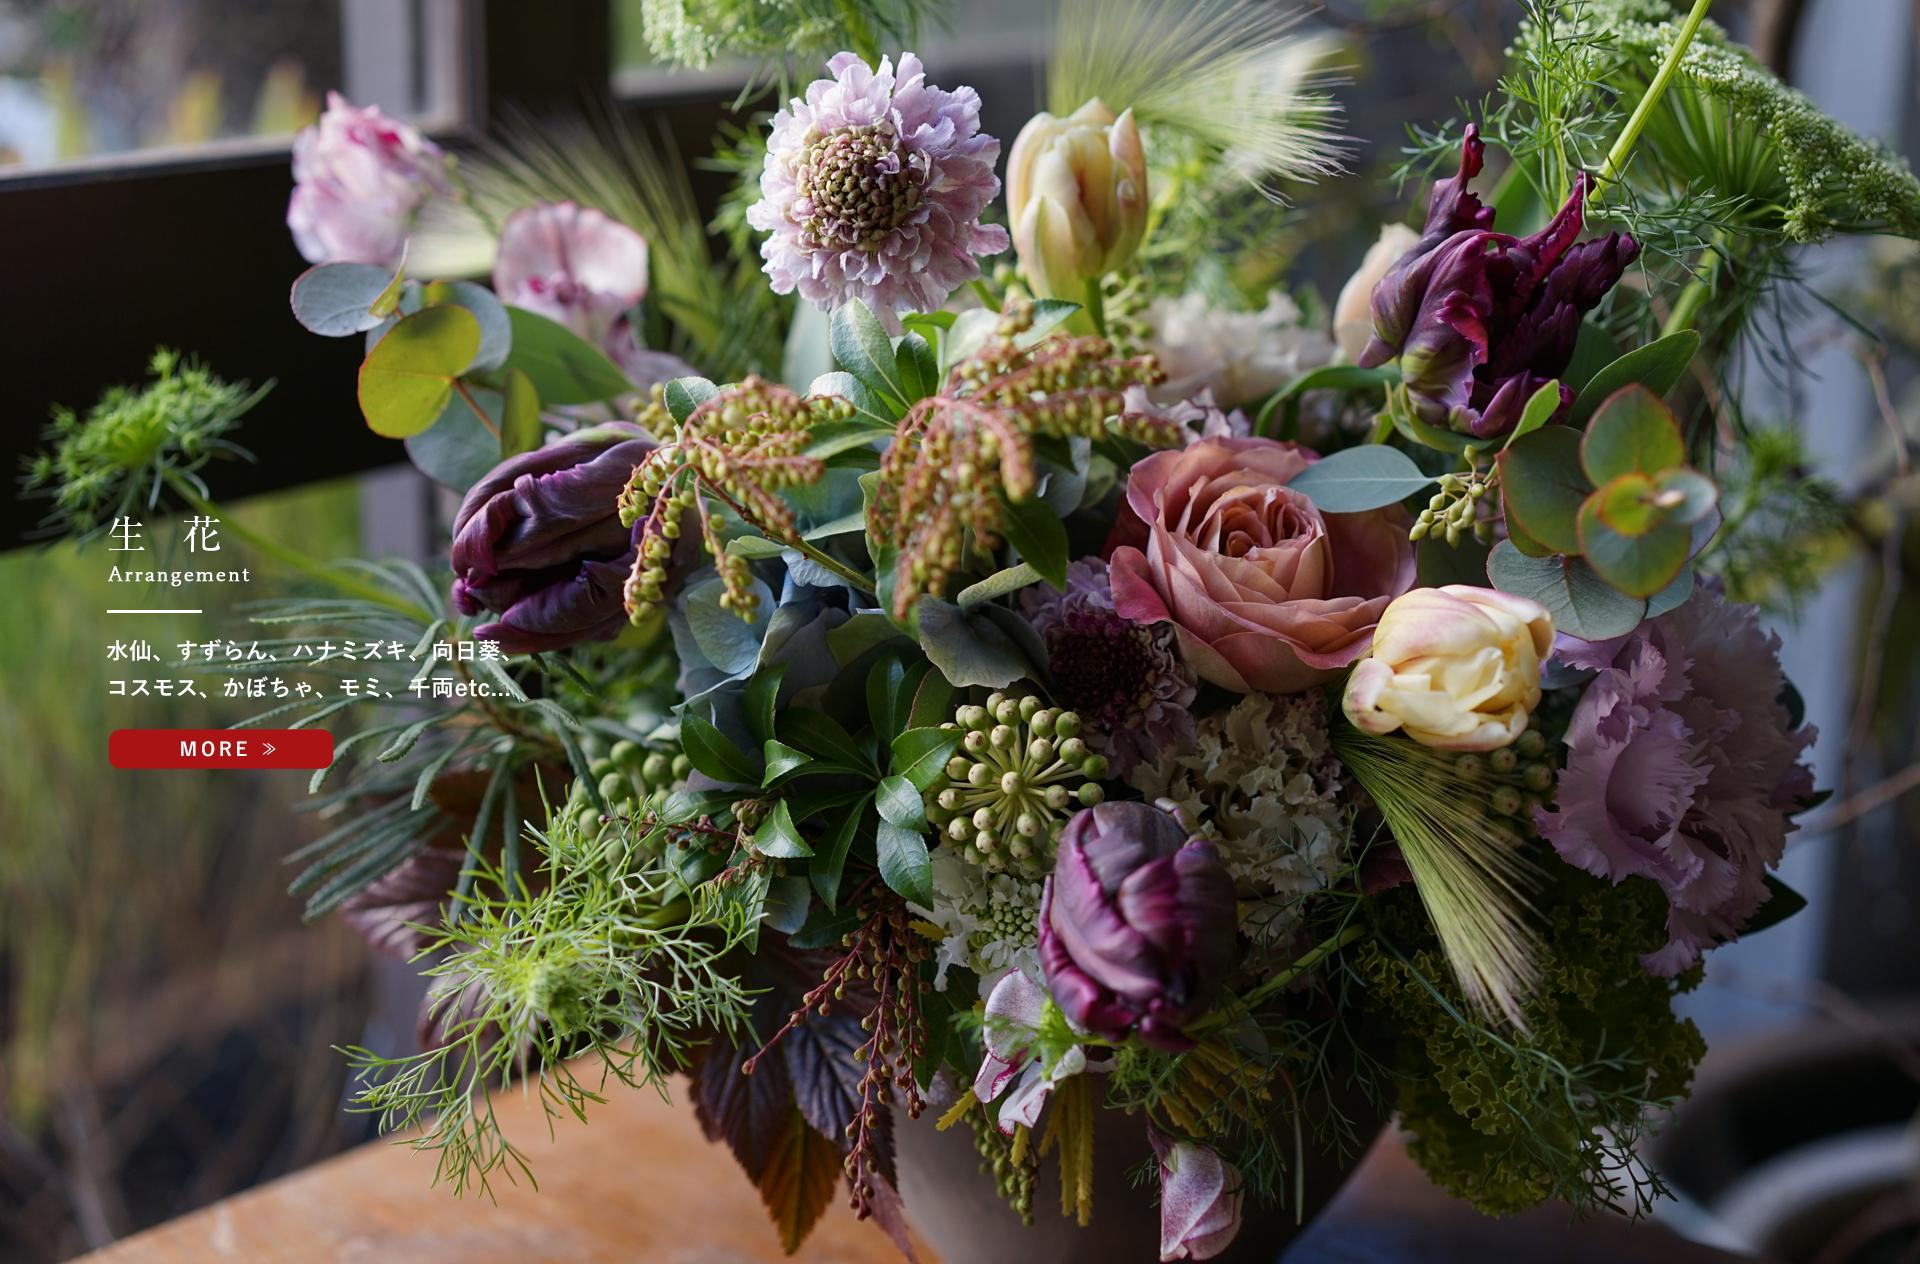 生花 arrangement